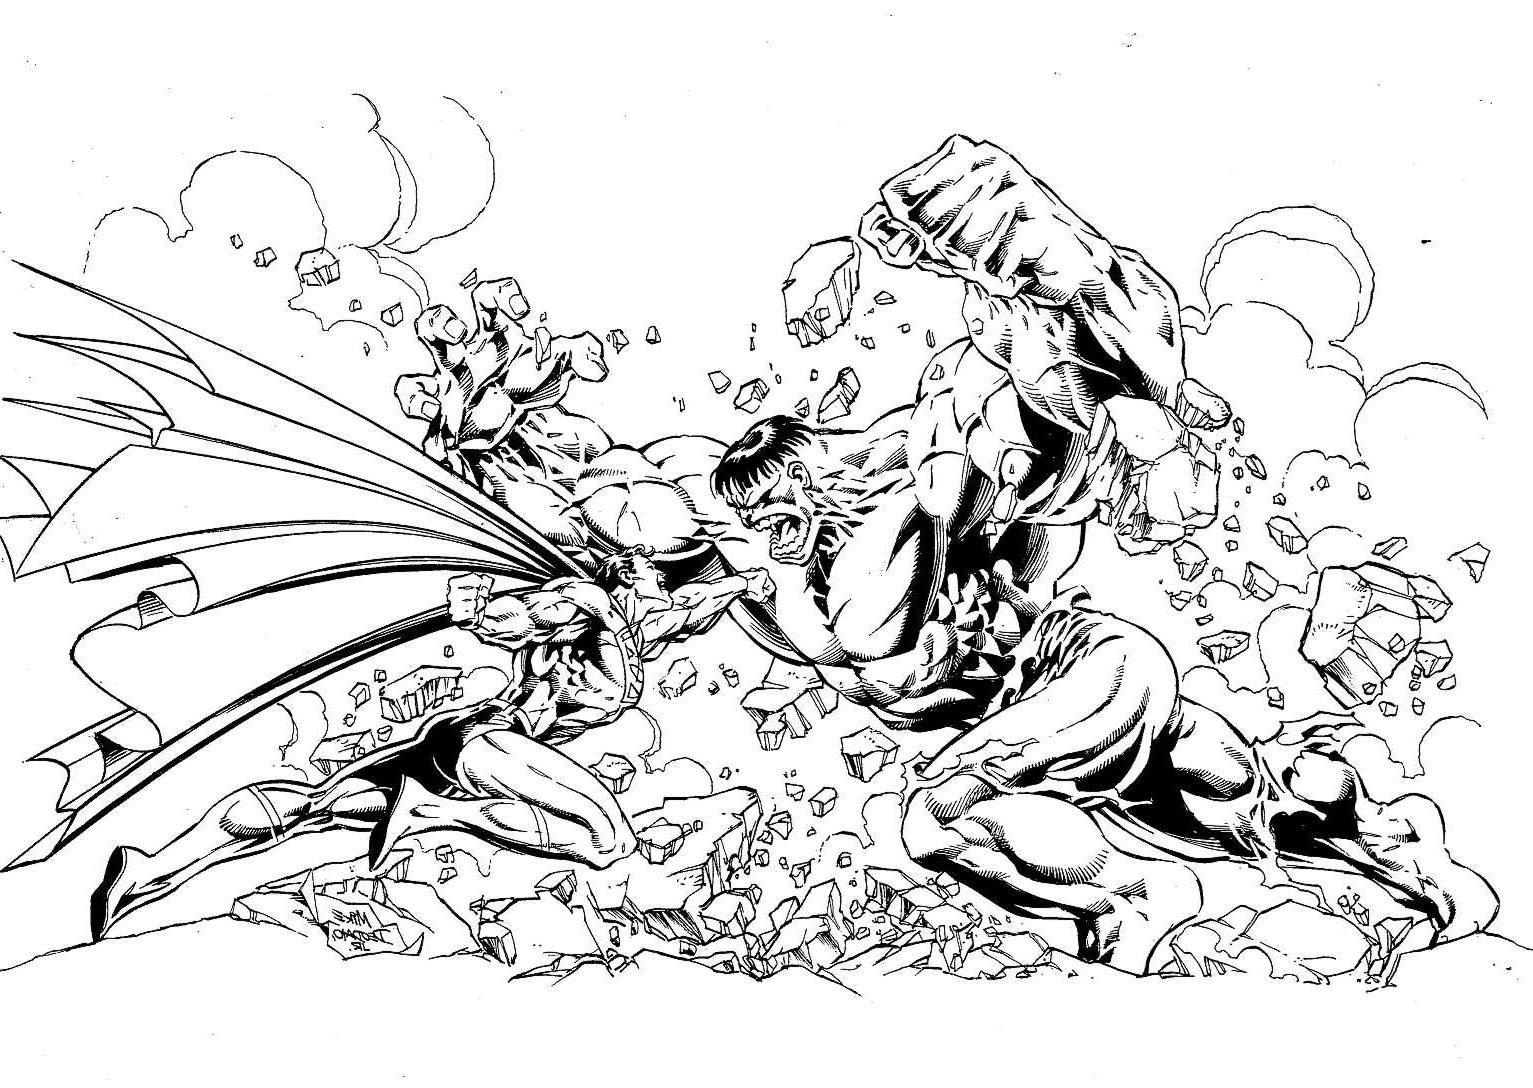 Coloriage adulte de Superman en plein combat avec le gigantissime et verdâtre HULK ! Qui va gagner ? A vous de le décider en coloriant cette image gratuite